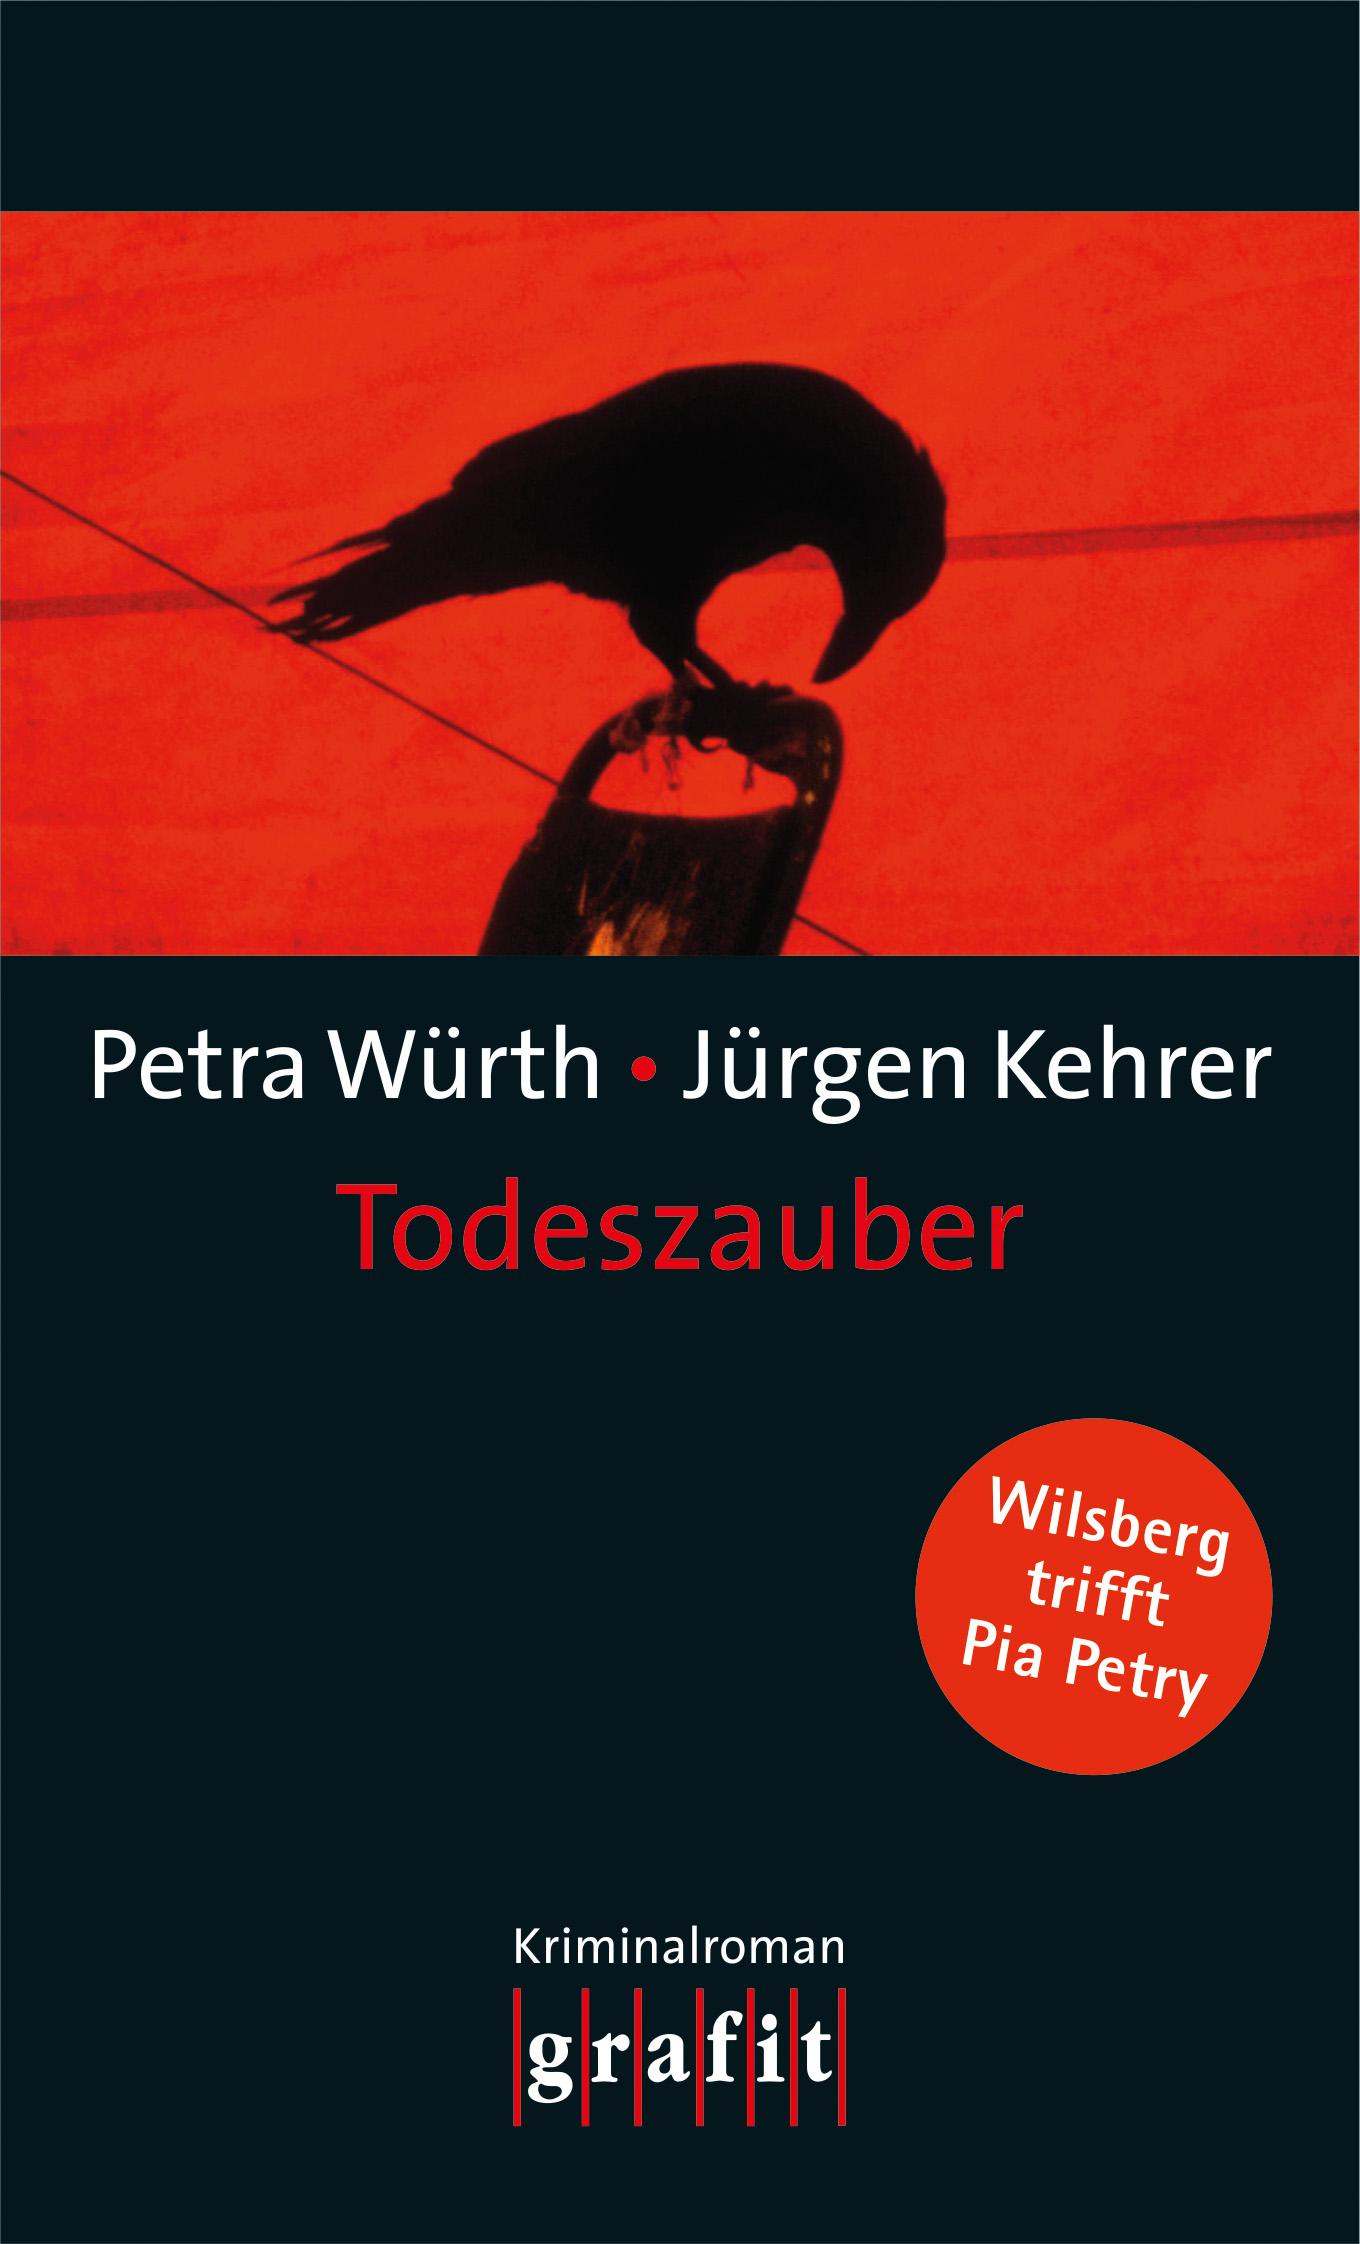 Todeszauber - Wilsberg trifft Pia Petry - Petra Würth